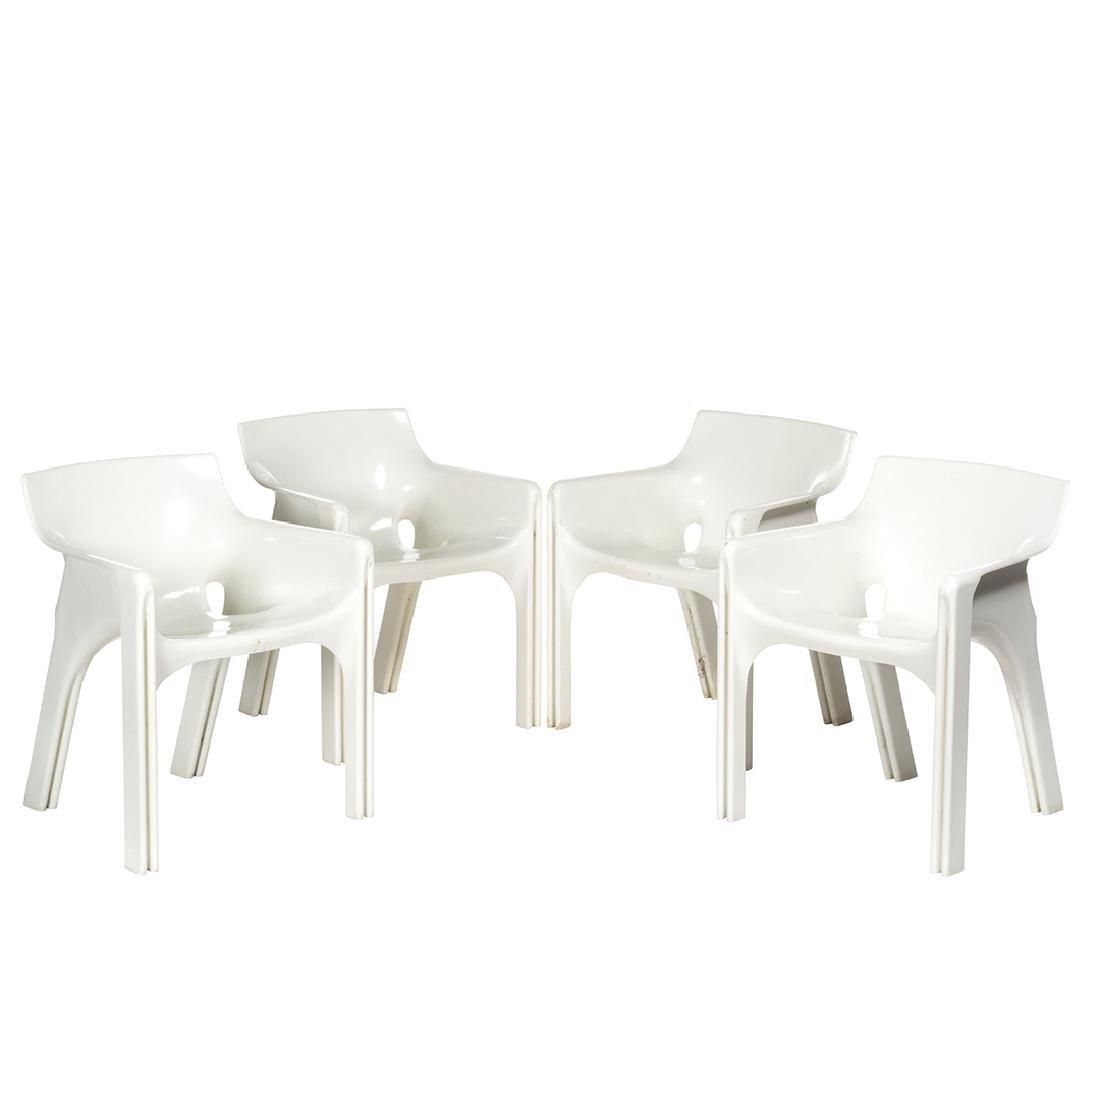 Vico Magistretti Gaudi Chairs (4)